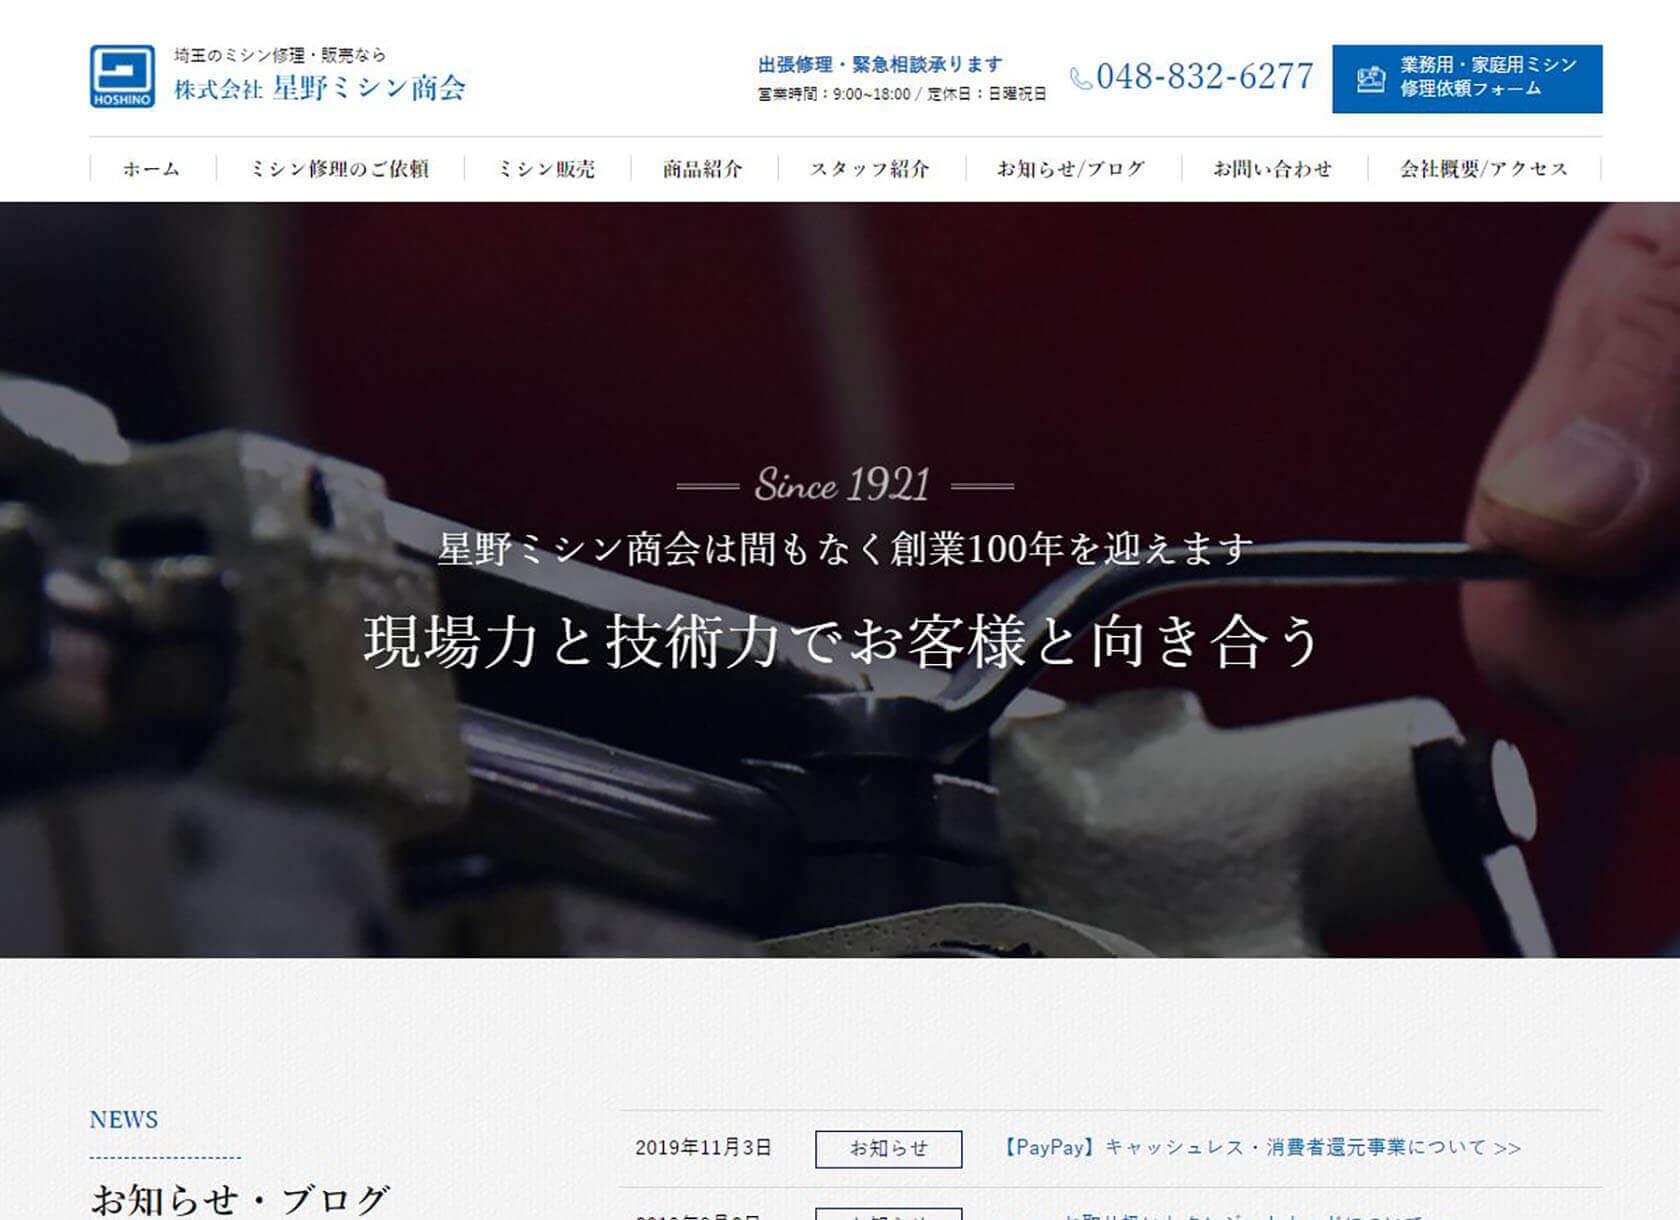 星野ミシン コーポレートサイト制作事例